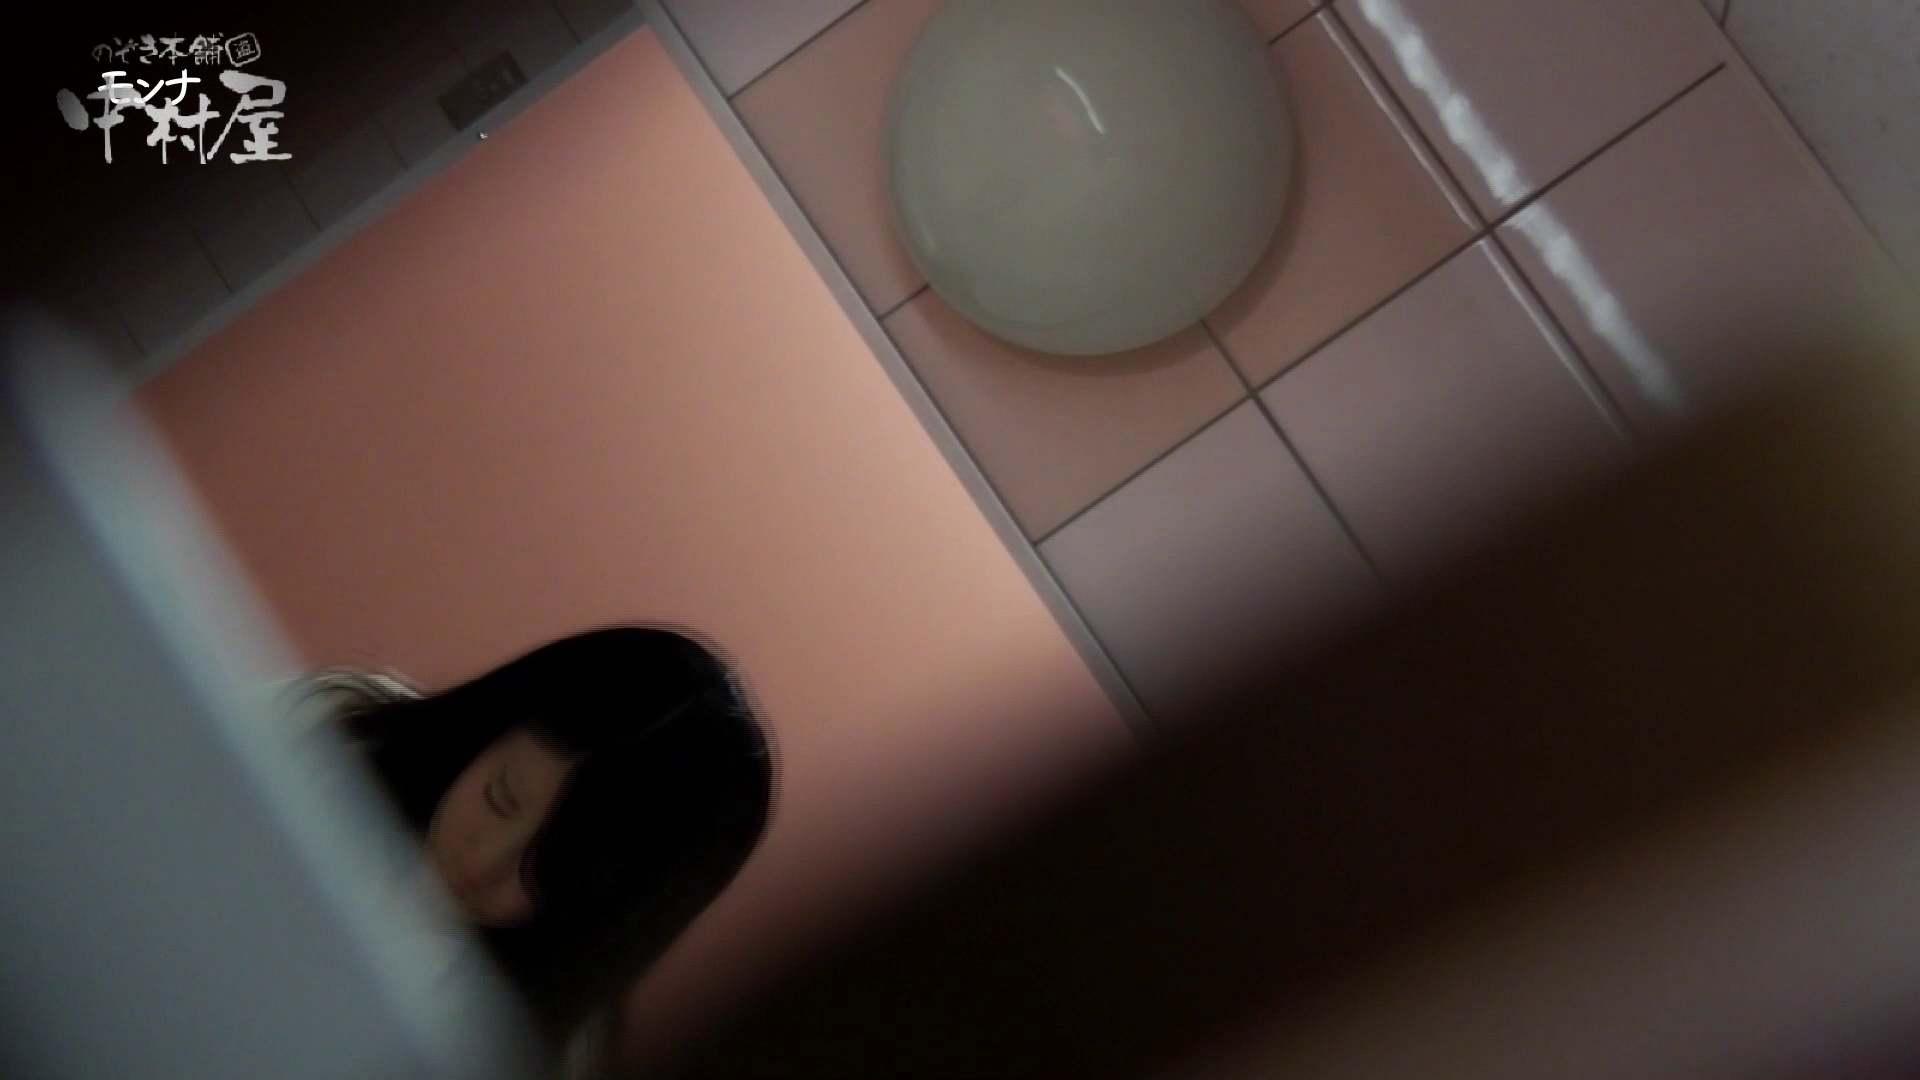 美しい日本の未来 No.44 感動作2前編 盗撮動画 | おまんこ大好き  10枚 5